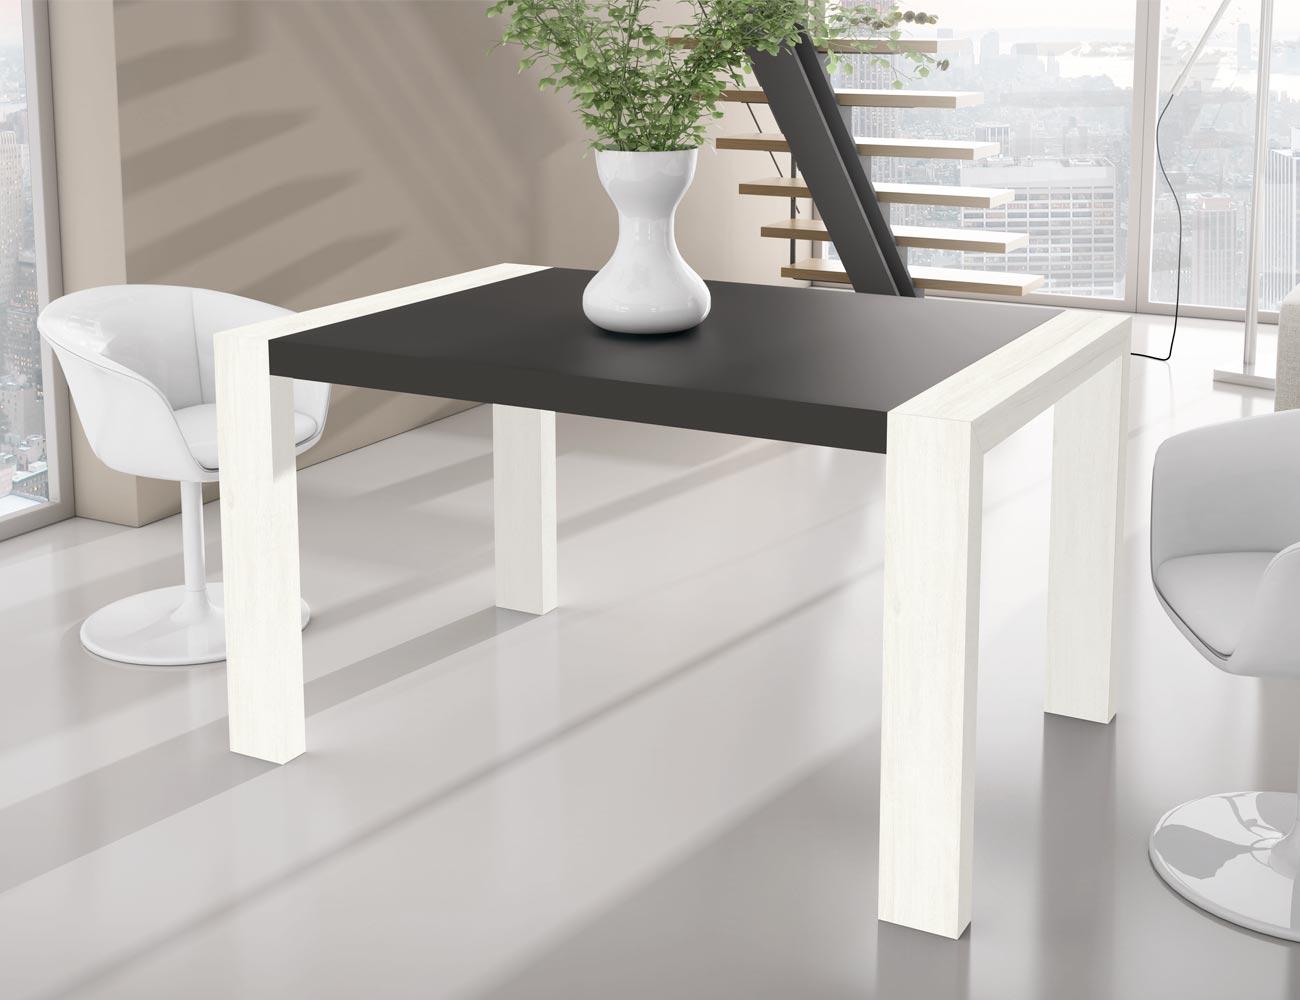 Mesa de comedor extensible rectangular tipo porter a for Mesa comedor rectangular extensible